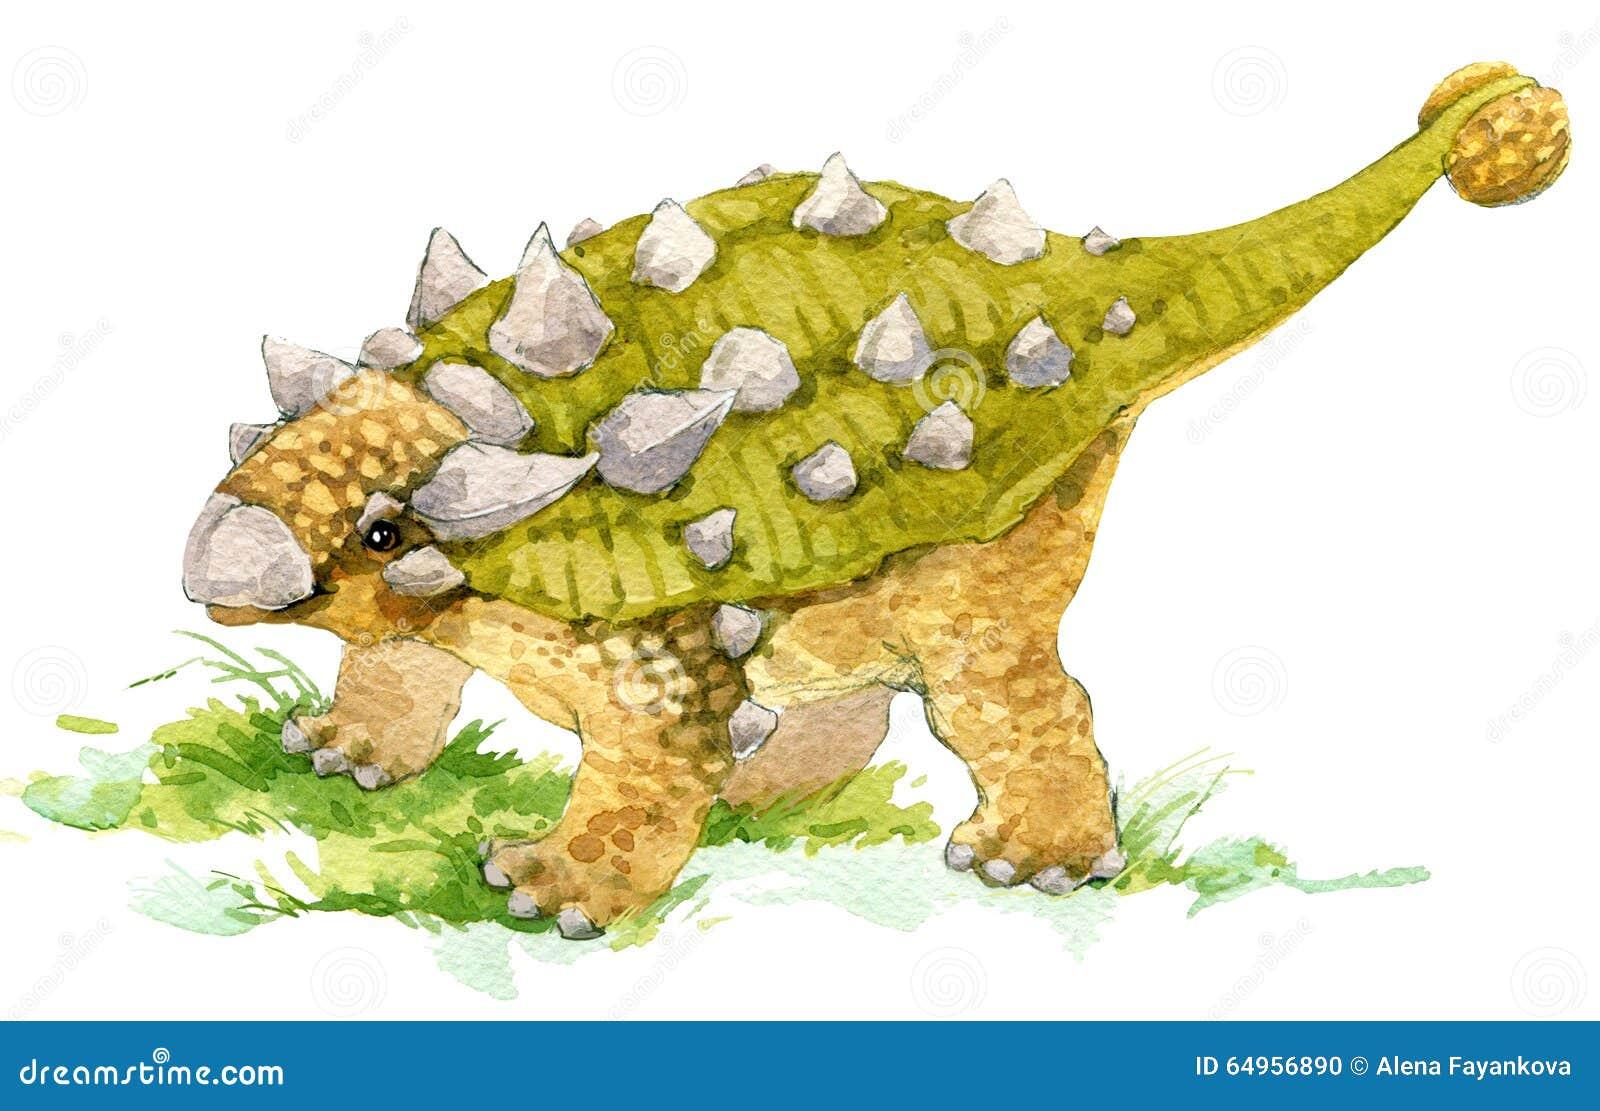 Dinosaur Desenho da aquarela do dinossauro Ilustração do dinossauro